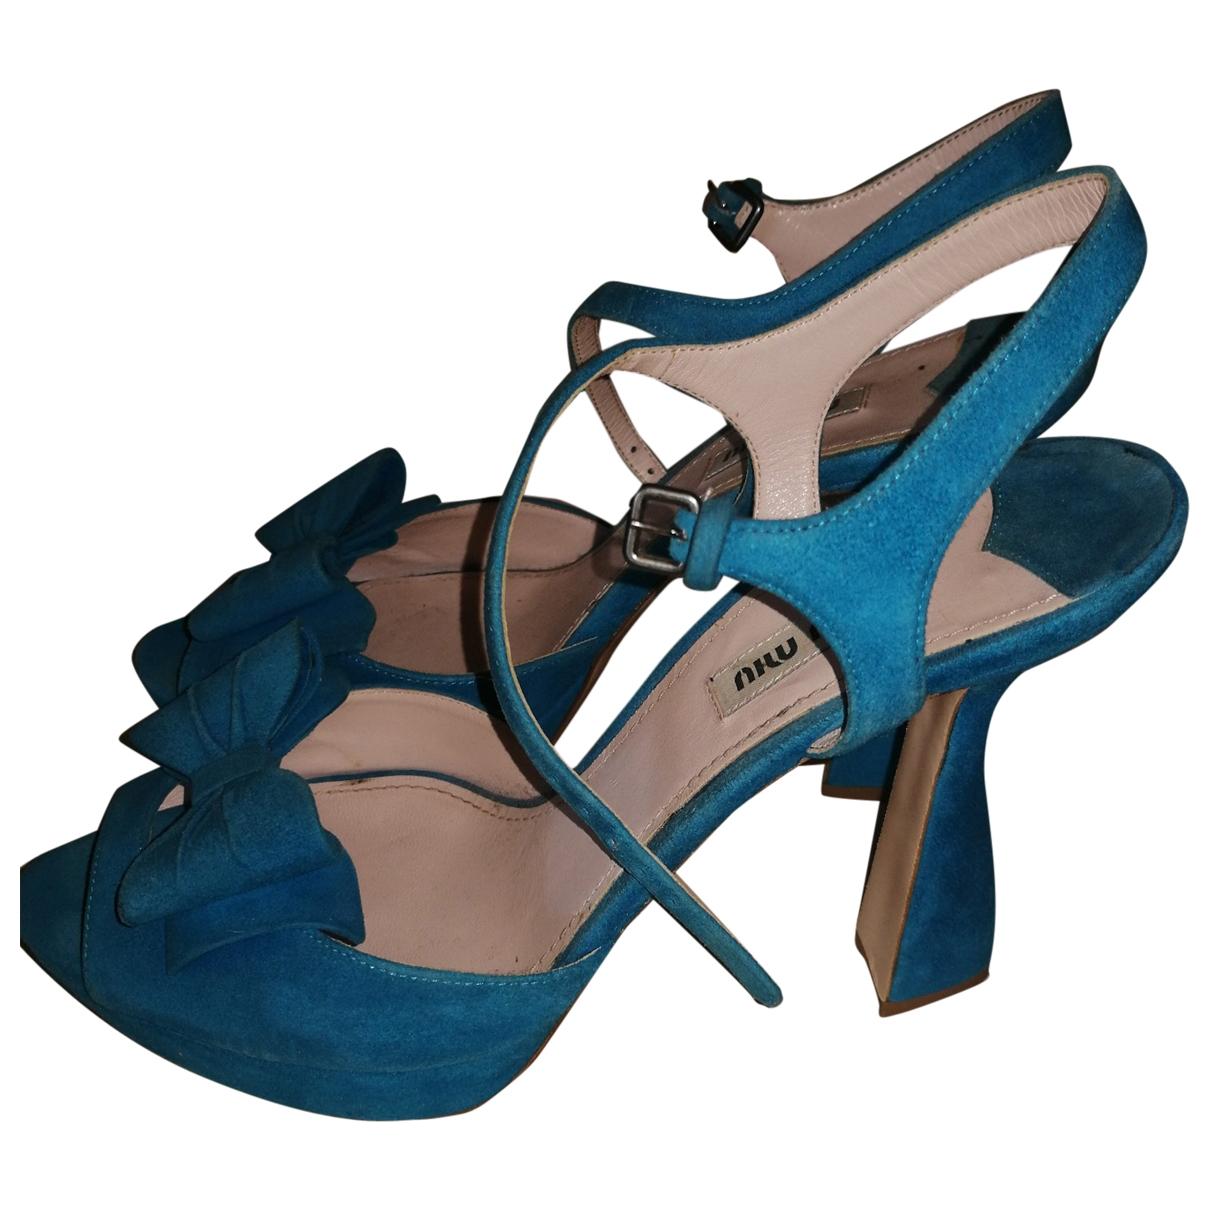 Miu Miu \N Blue Suede Sandals for Women 40 EU